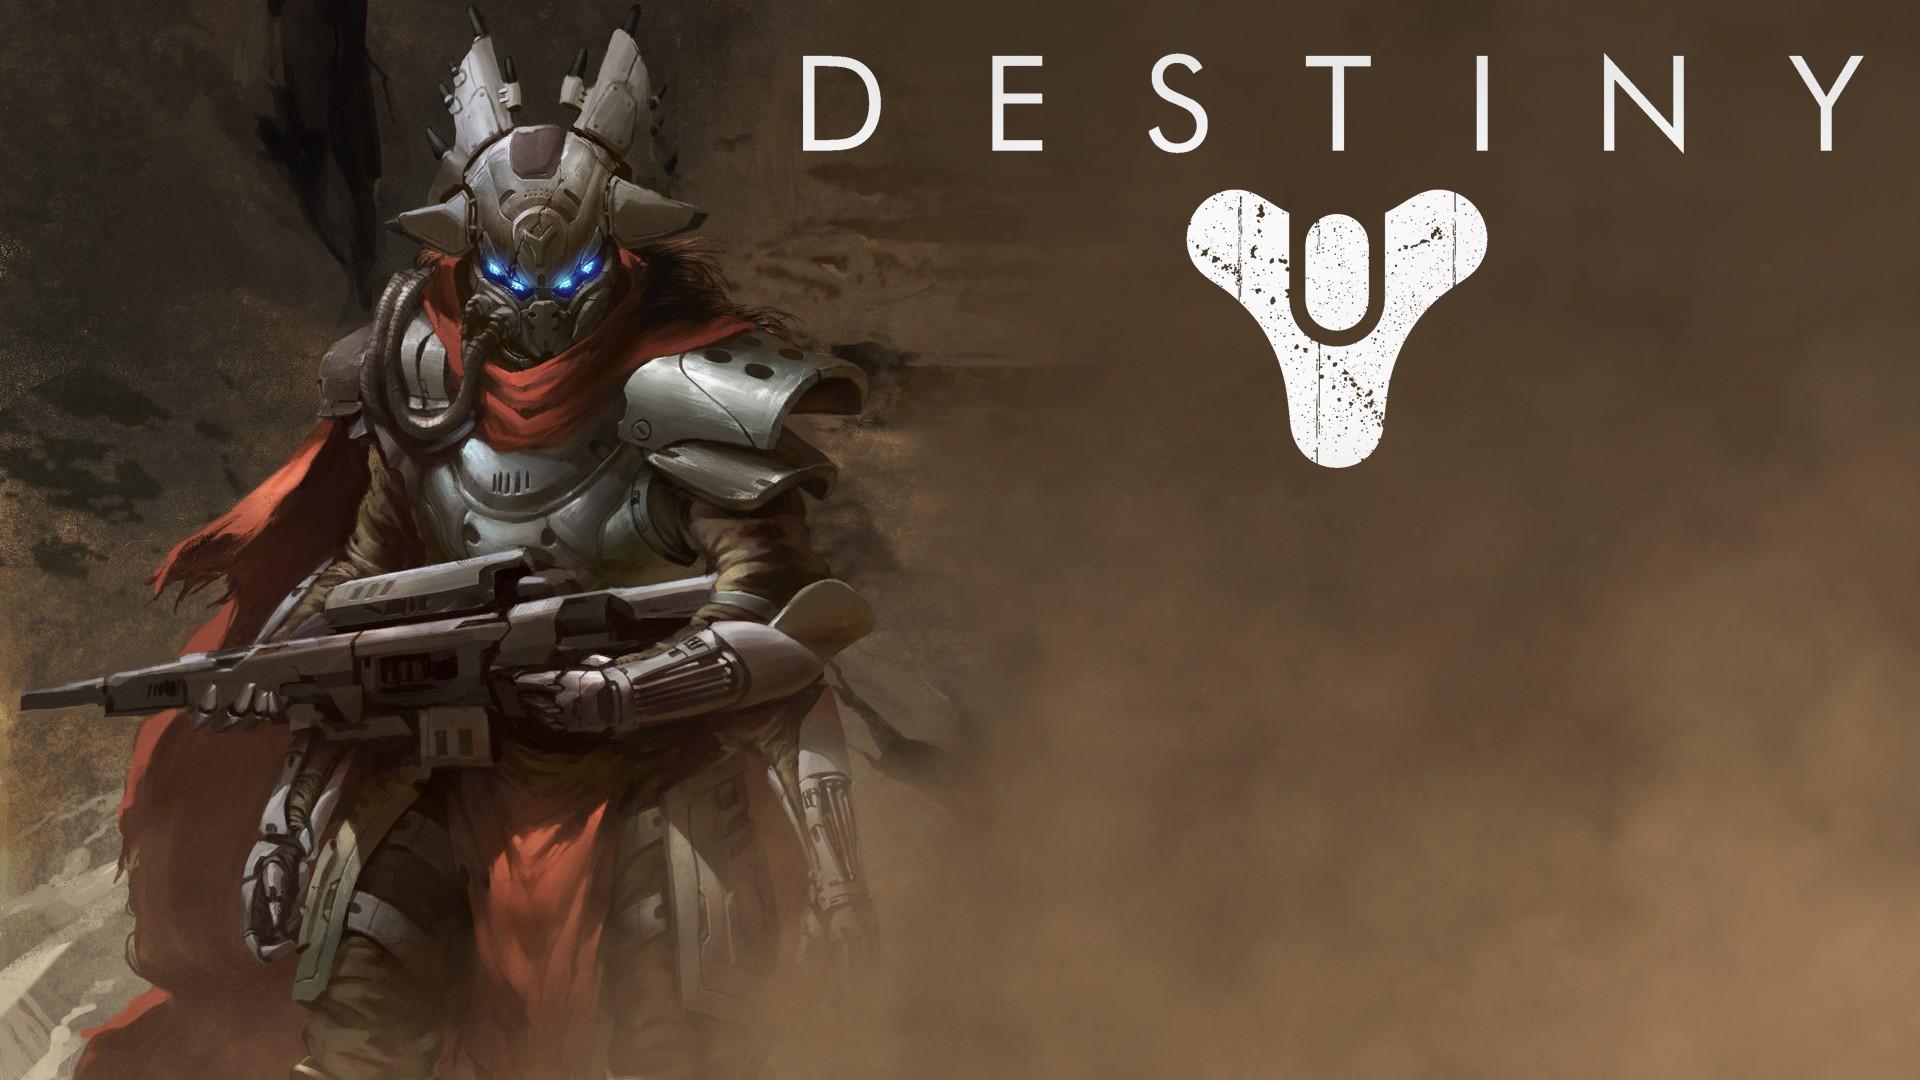 destiny wallpaper 1 1920x1080